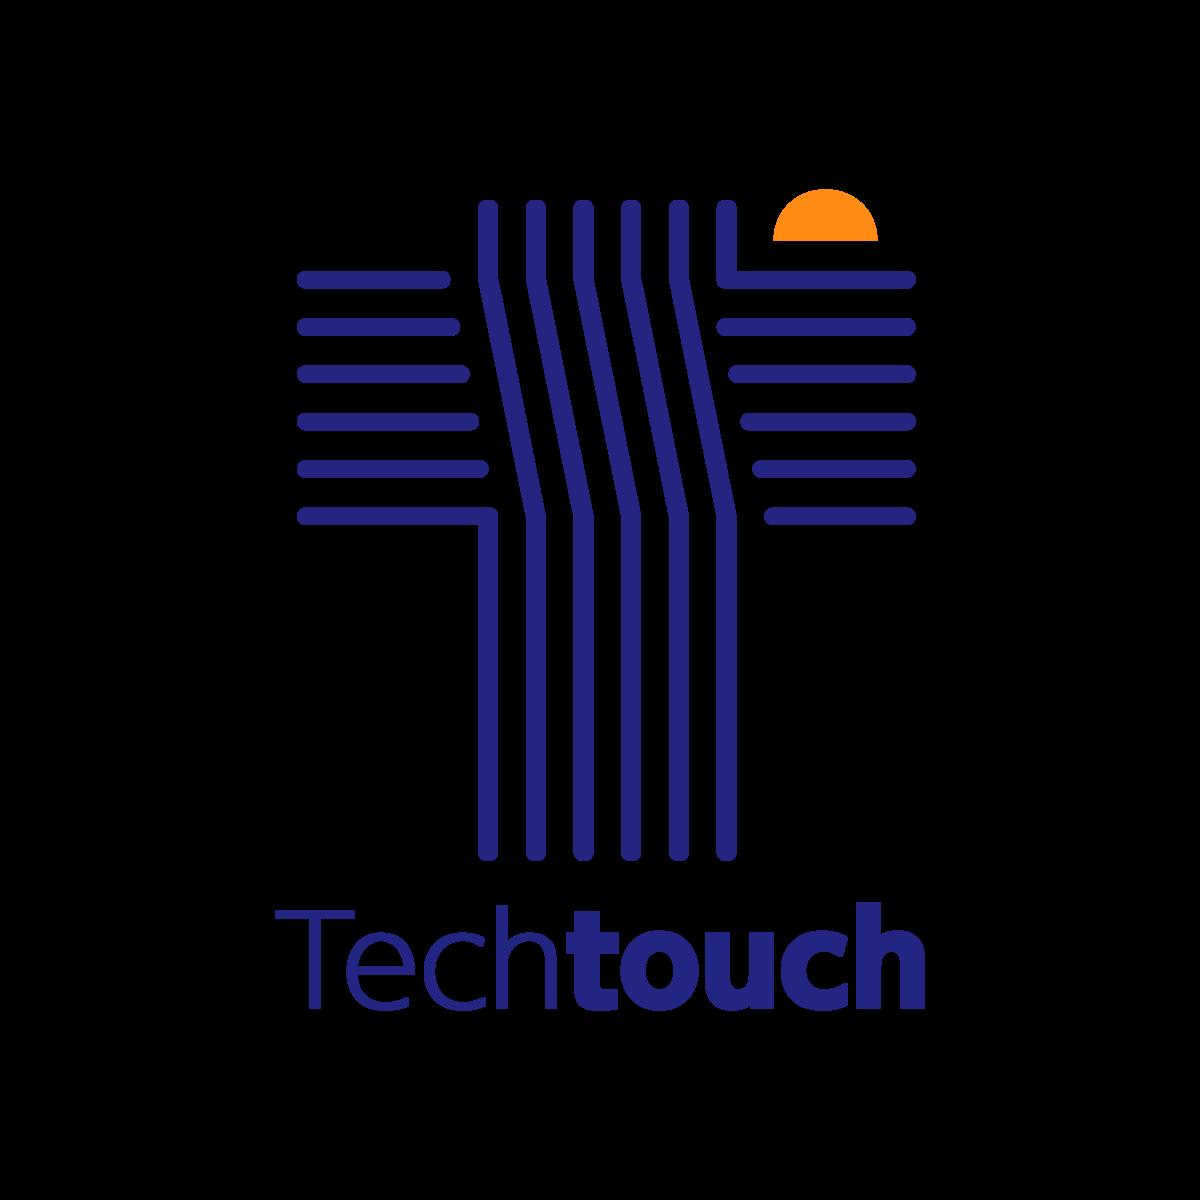 初代のテックタッチロゴ